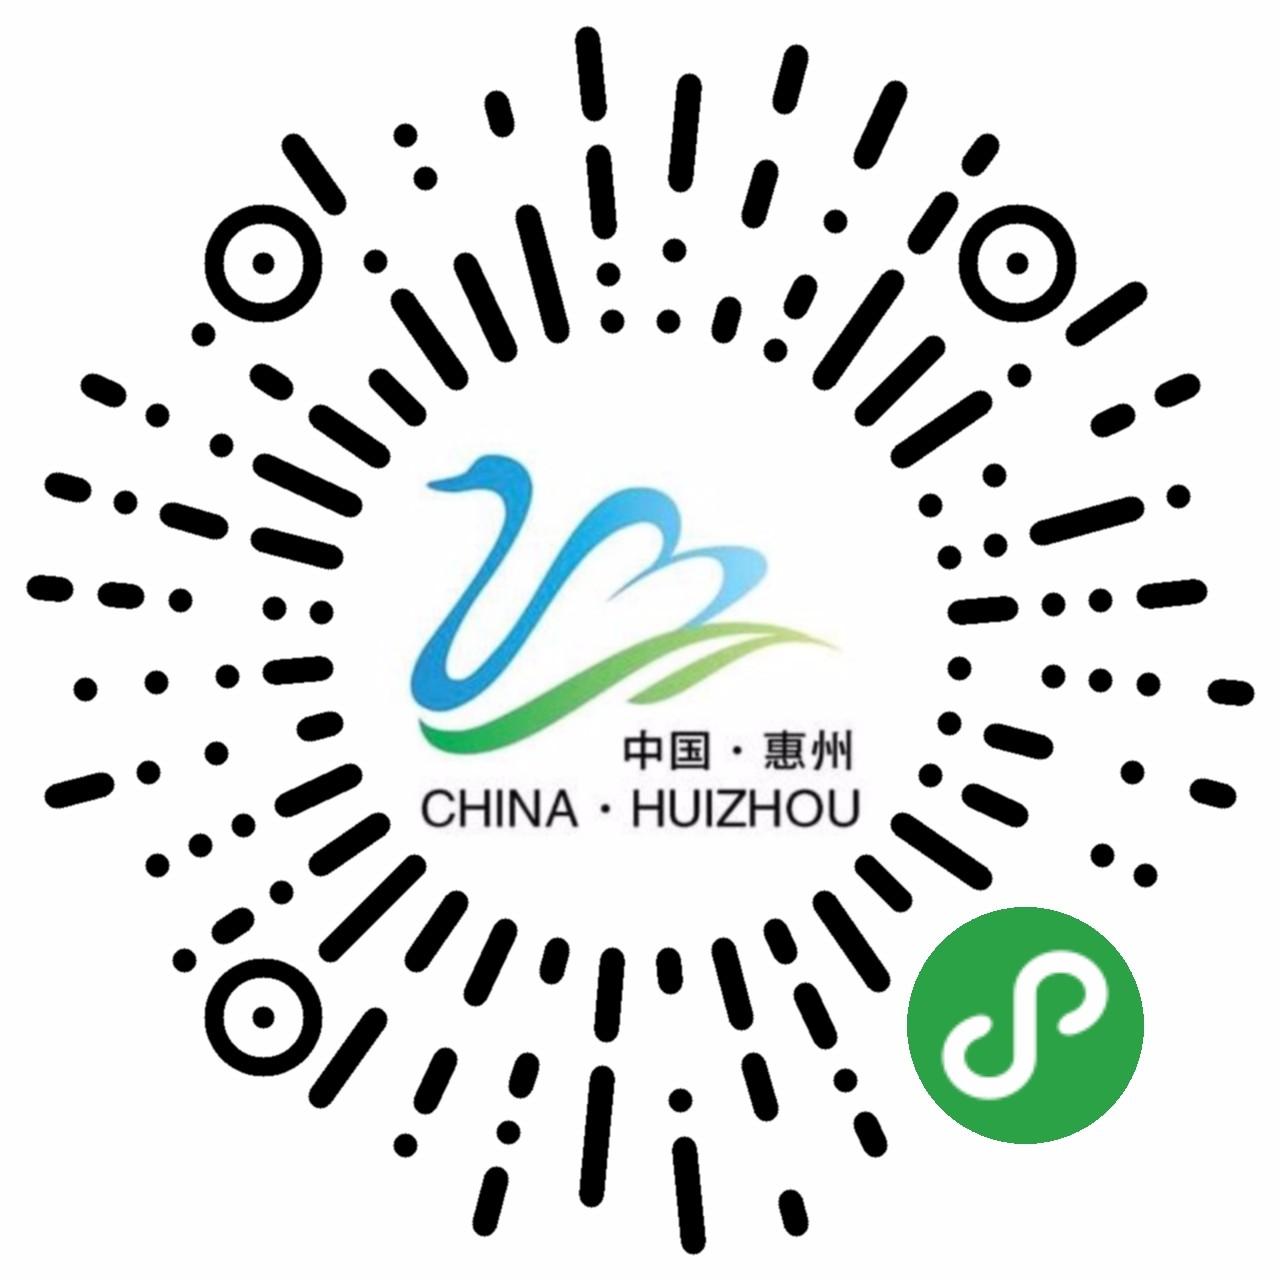 体验惠州-微信小程序二维码